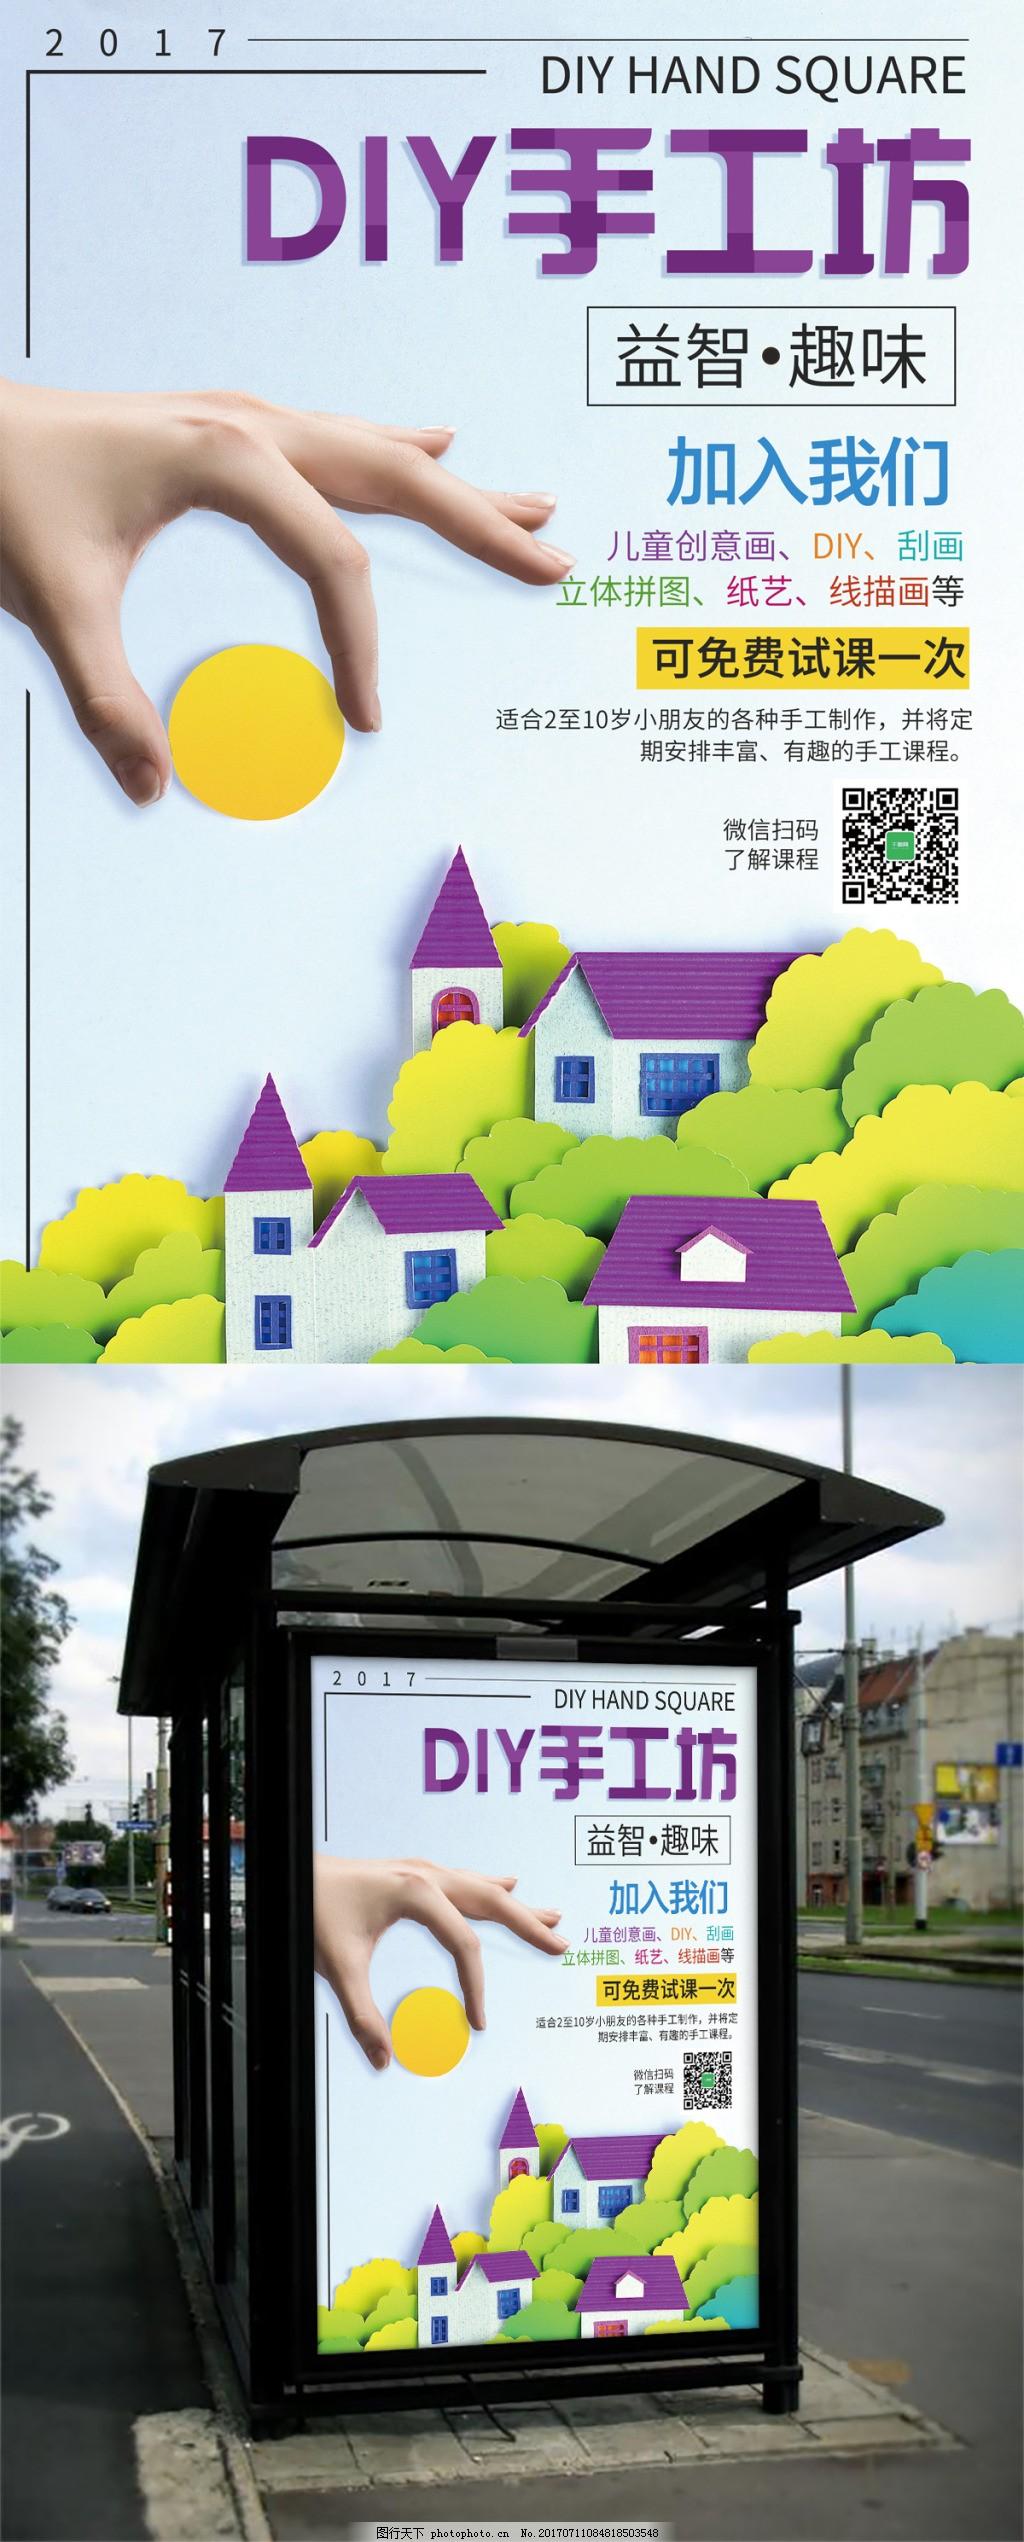 创意diy手工坊宣传海报 儿童 创意手工 制作 艺术班 暑假 教室